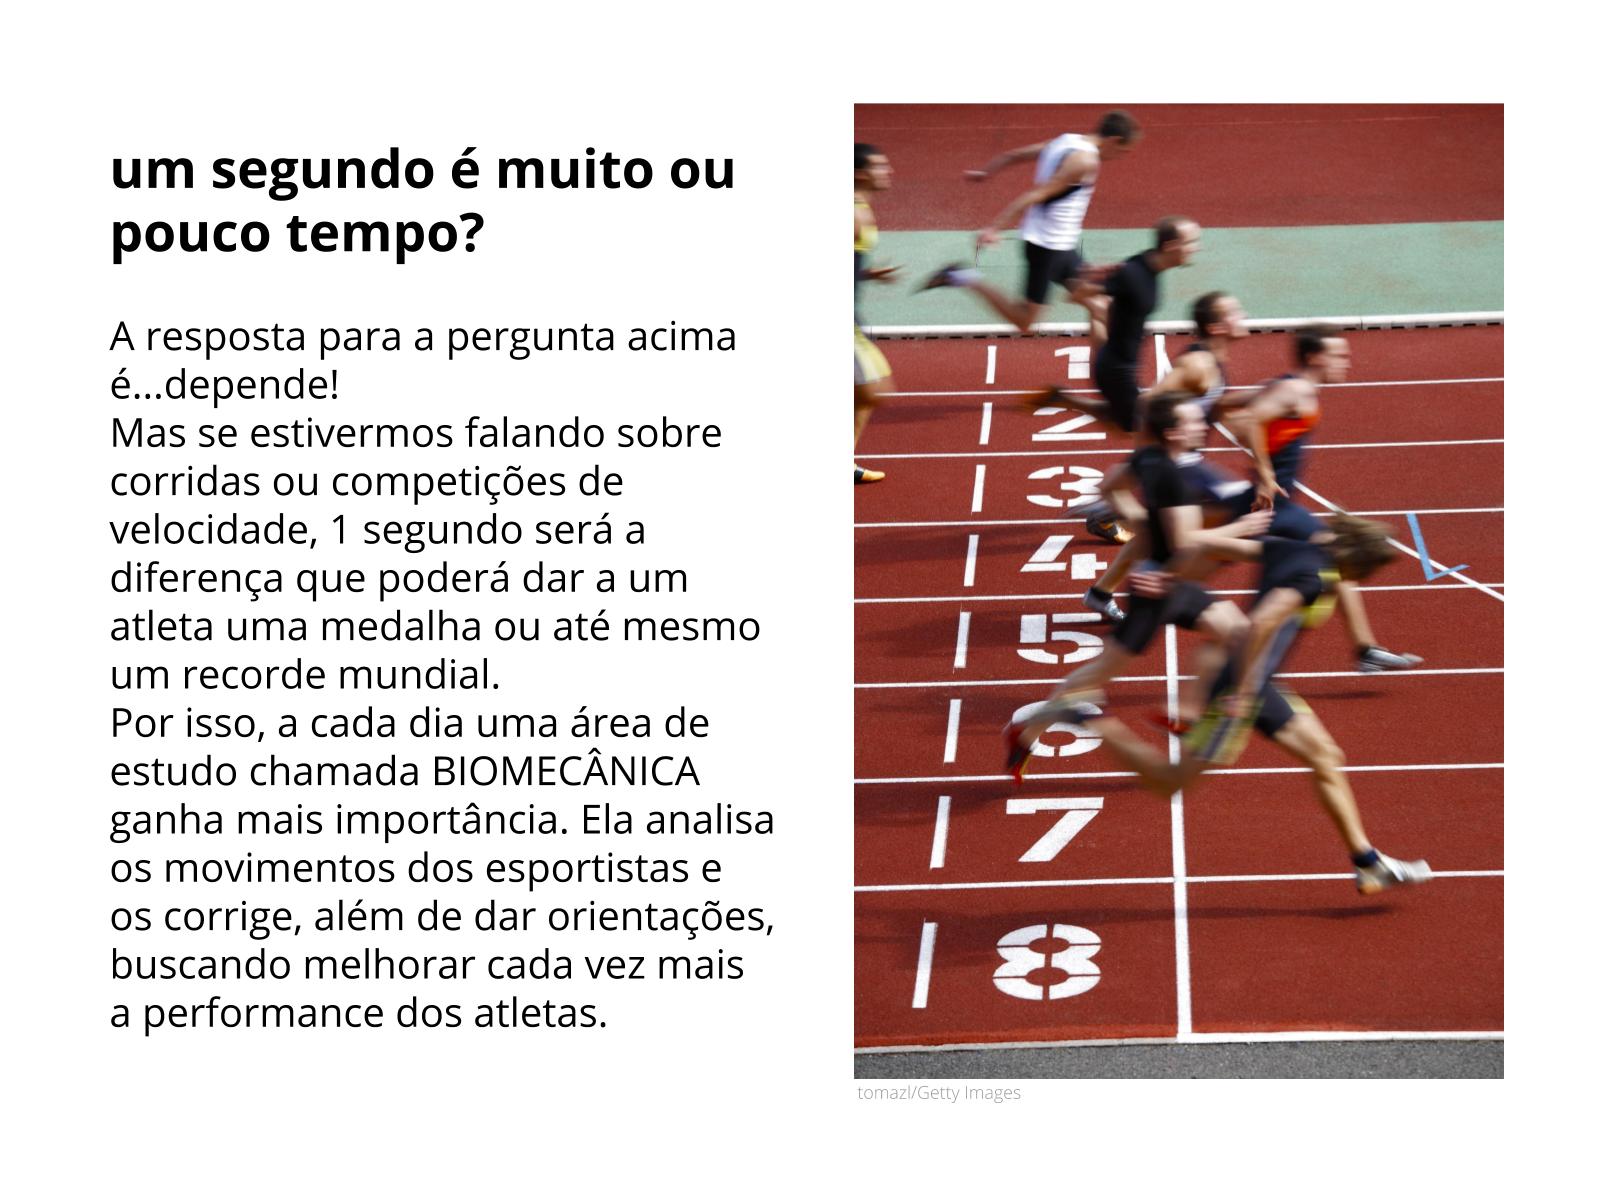 Interação entre os sistemas locomotor, muscular e nervoso em atletas de alta performance